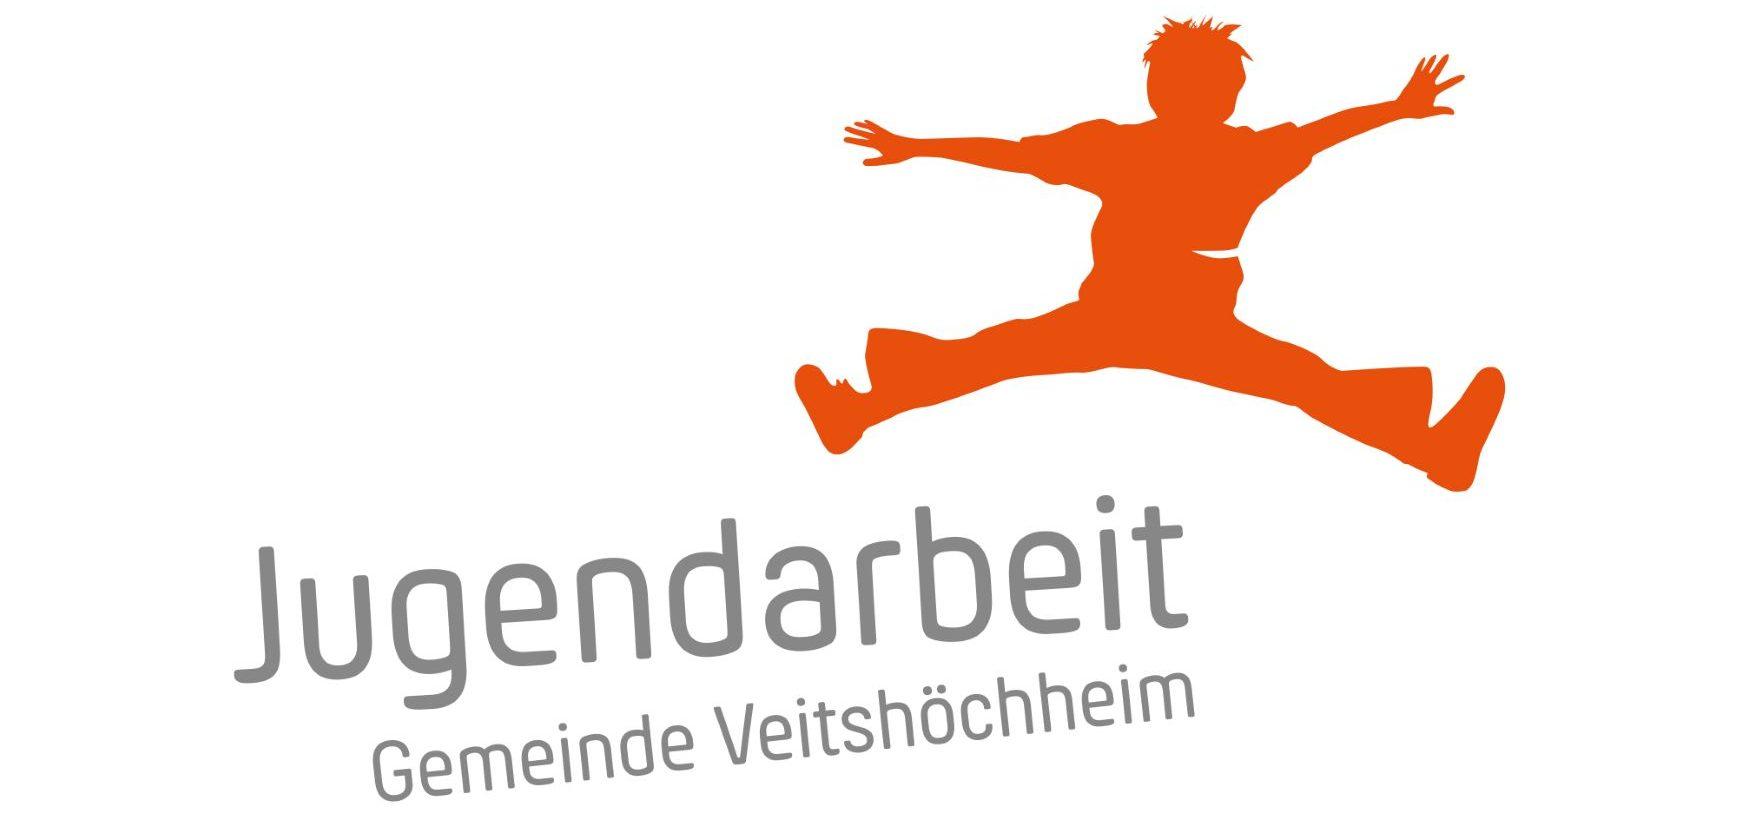 Gemeindejugendarbeit Veitshöchheim